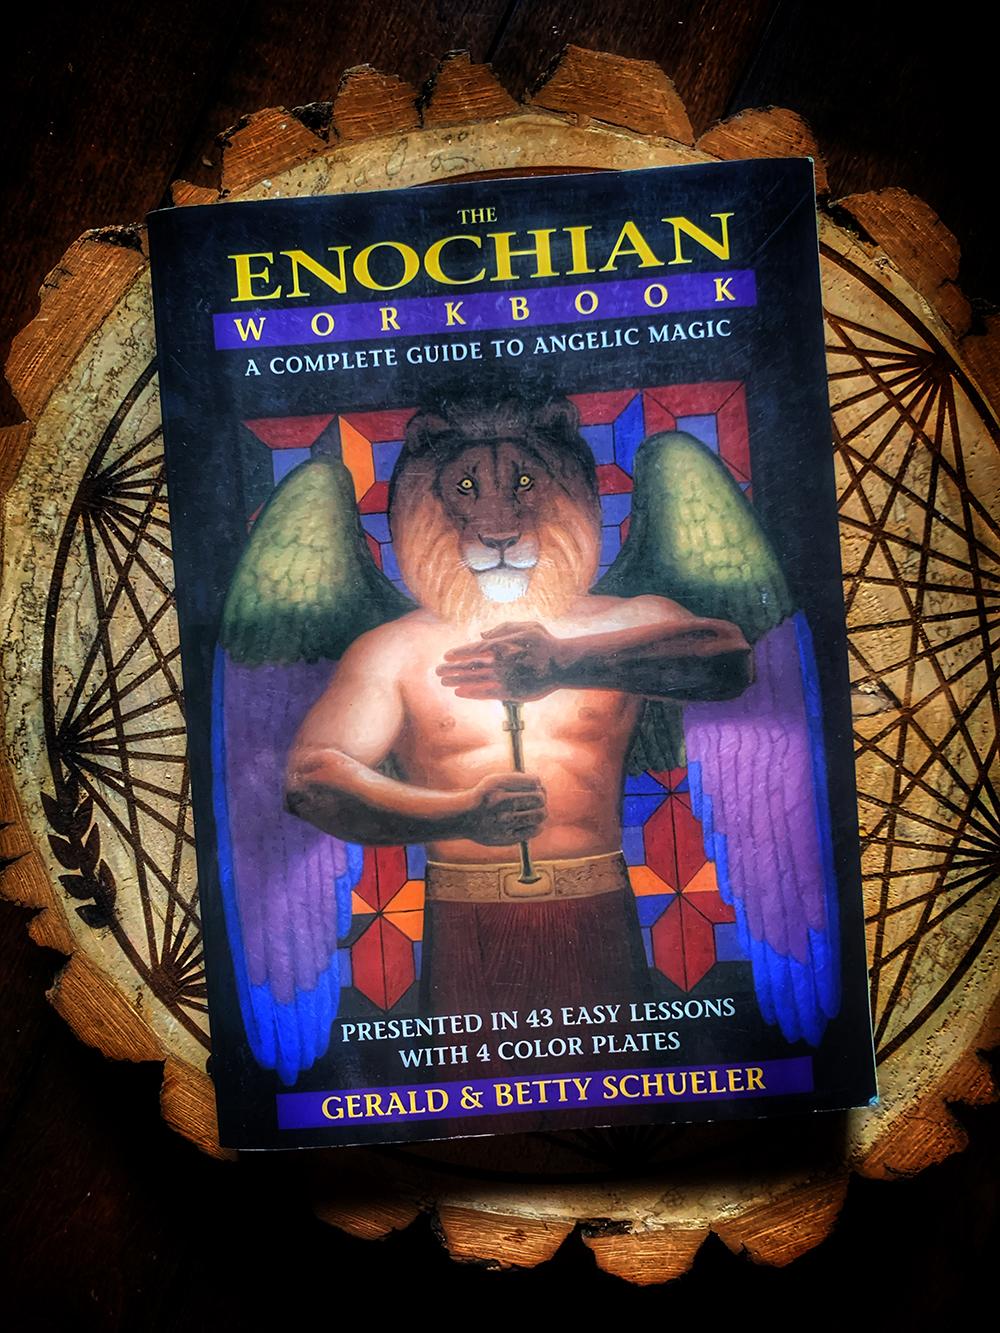 The Enochian Workbook